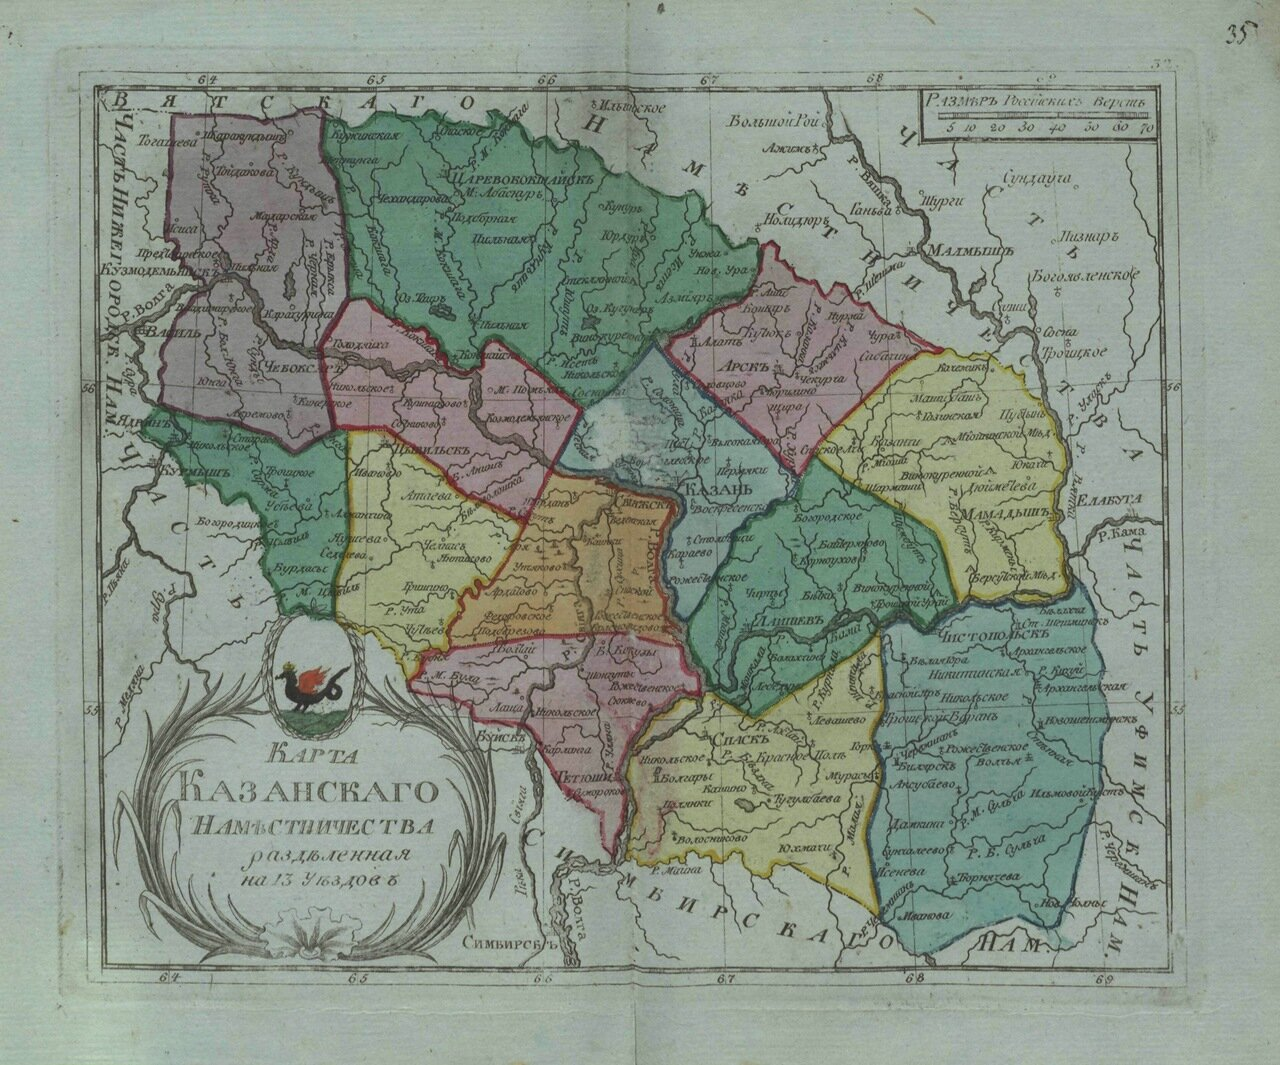 1796. Карта Казанского наместничества